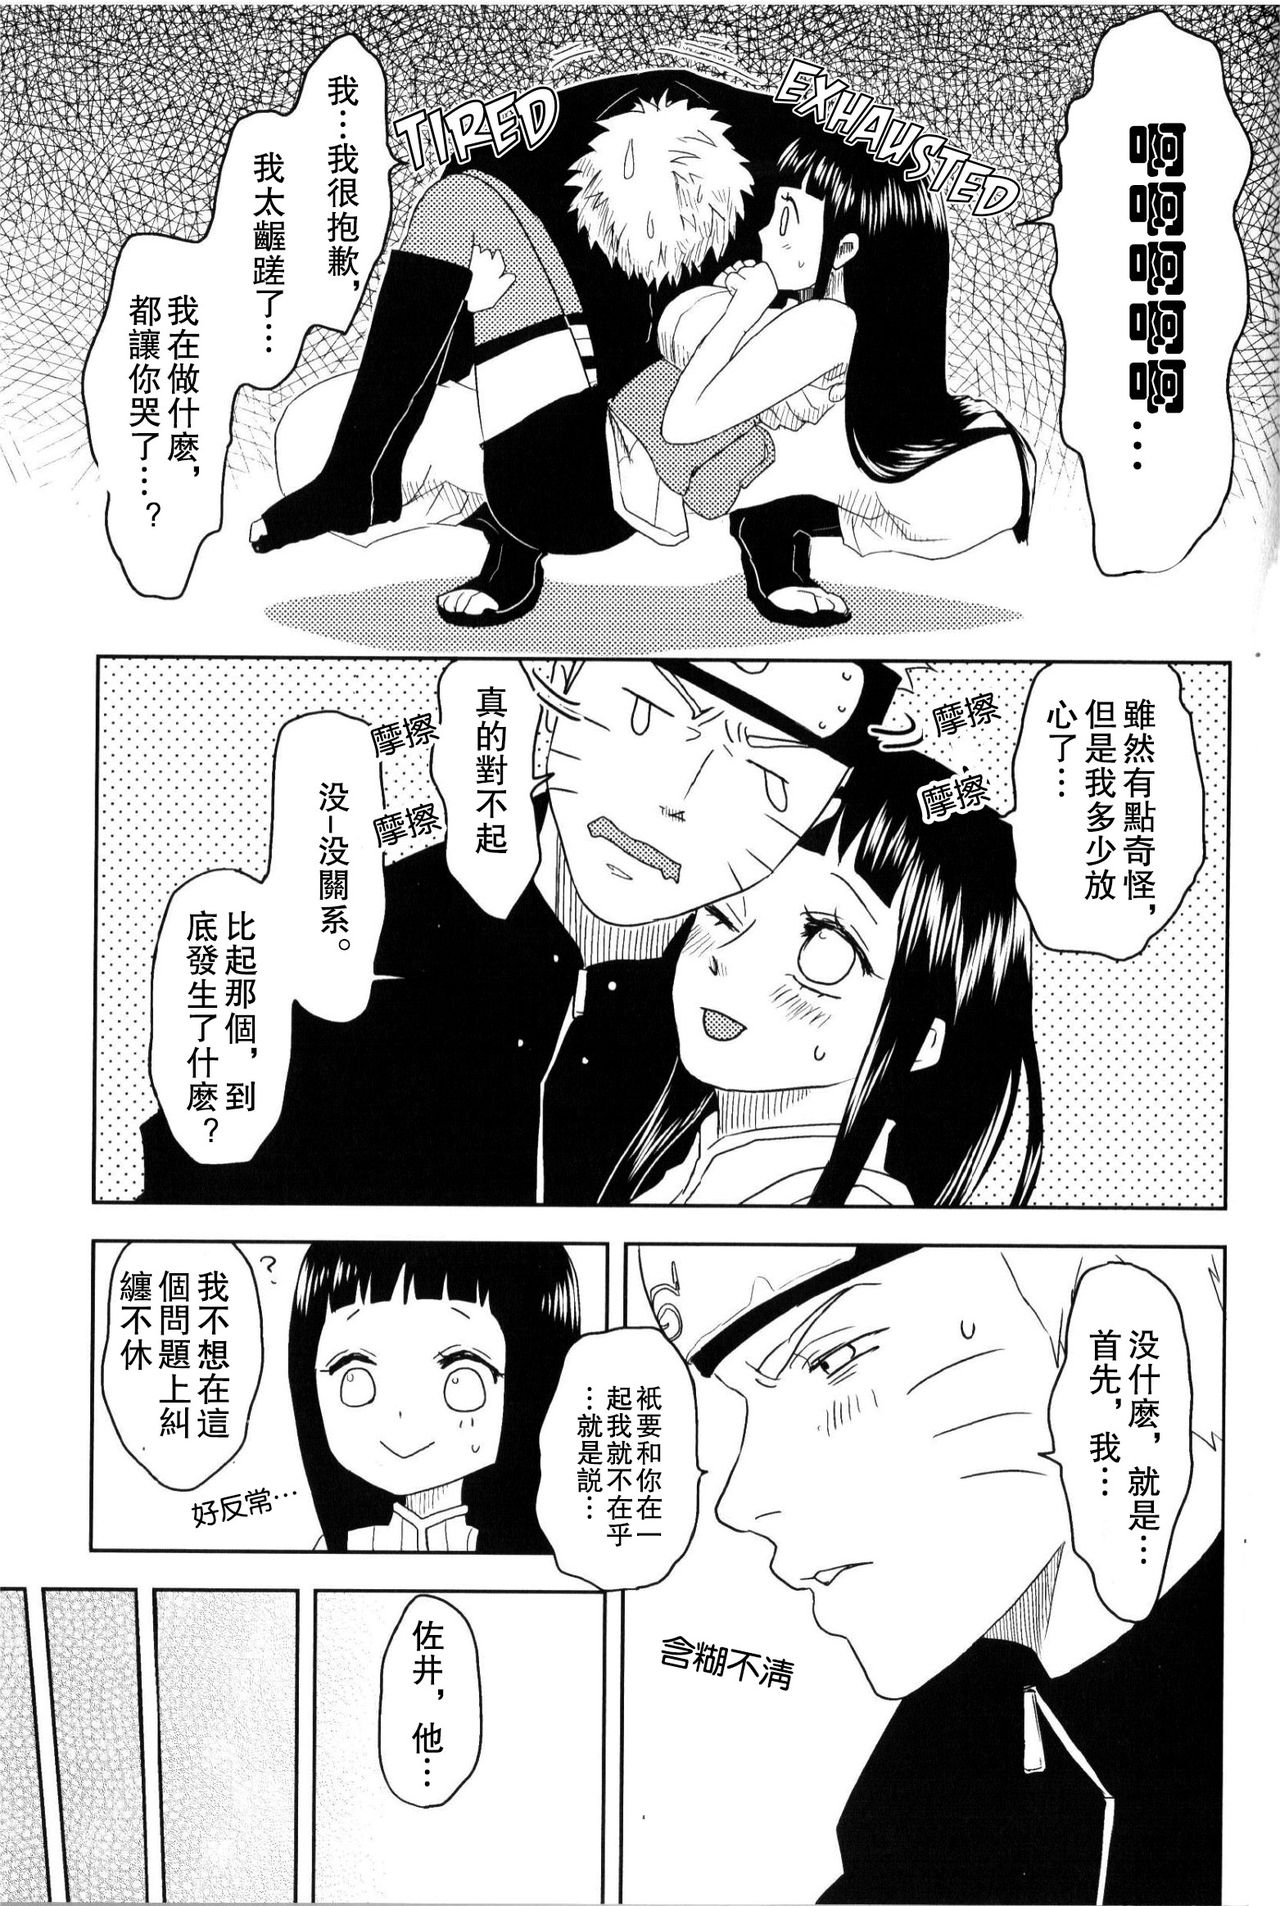 火影忍者邪恶h本子 雏田和鸣人羞涩的第一次